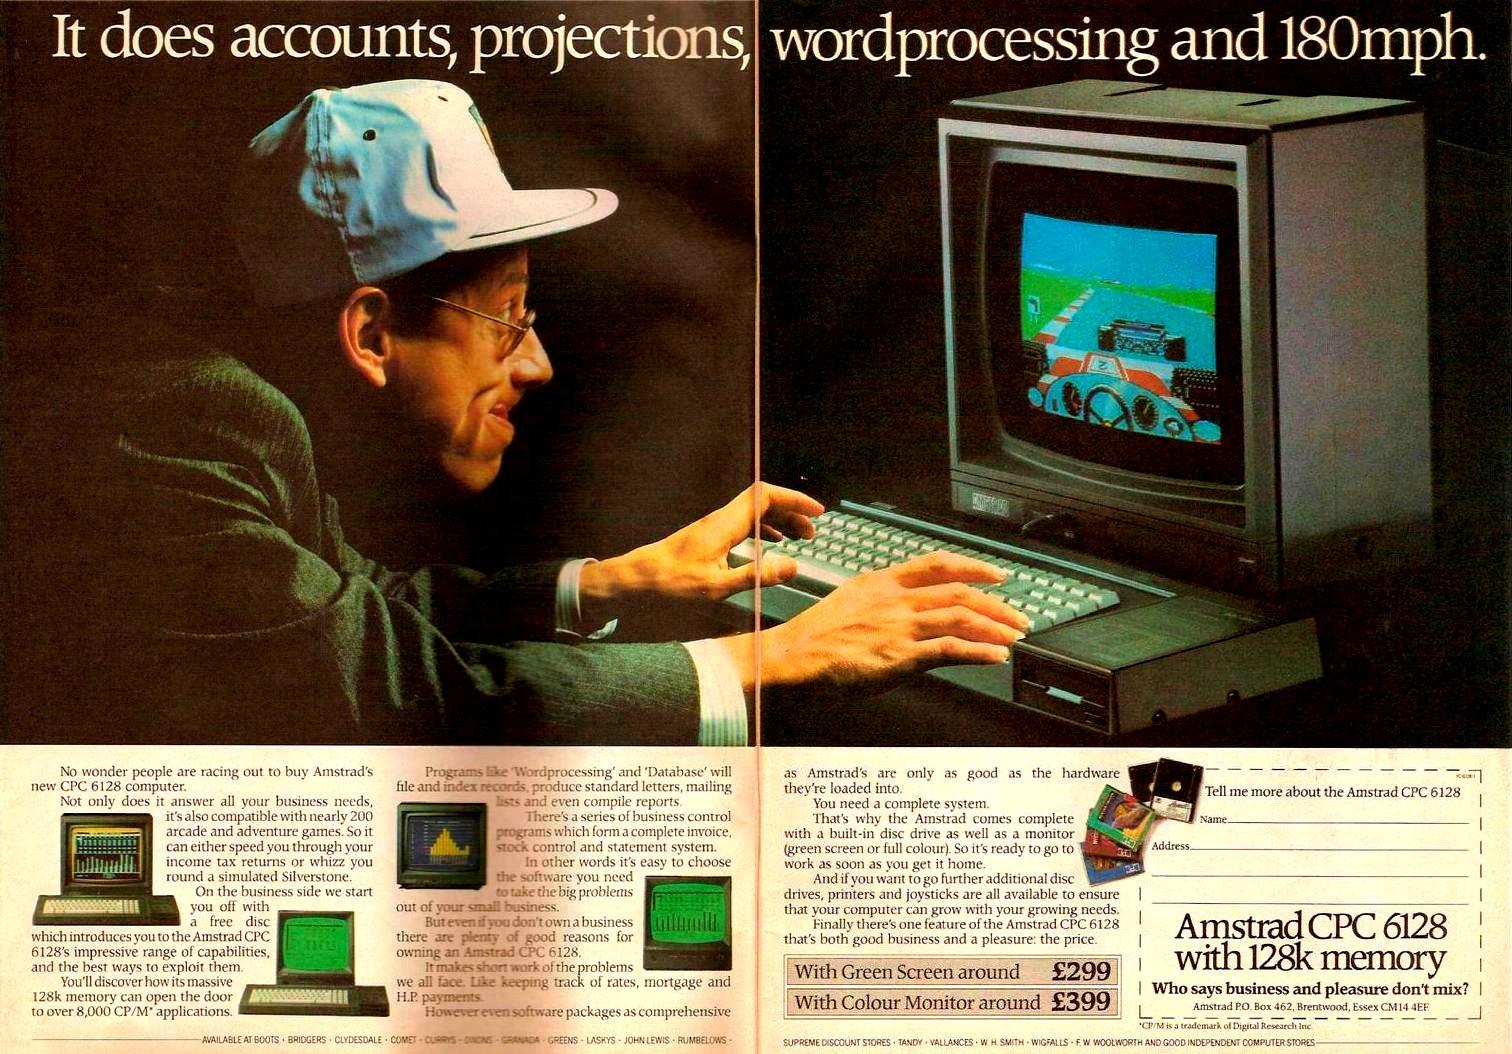 La plus belle pub pour un micro 8bit ? - Page 4 187_1985-10-YourComputer8510-0003-cpc6128